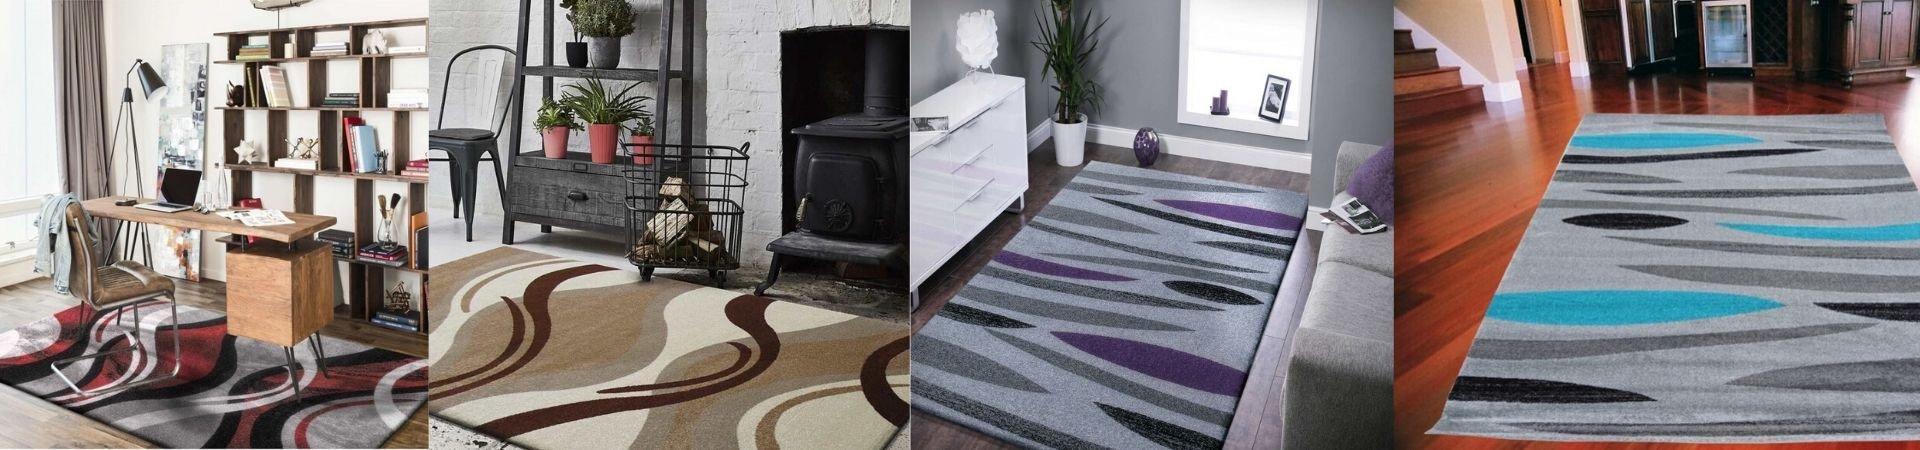 Dywany pokojowe nowoczesne dywany do salonu, sypialni